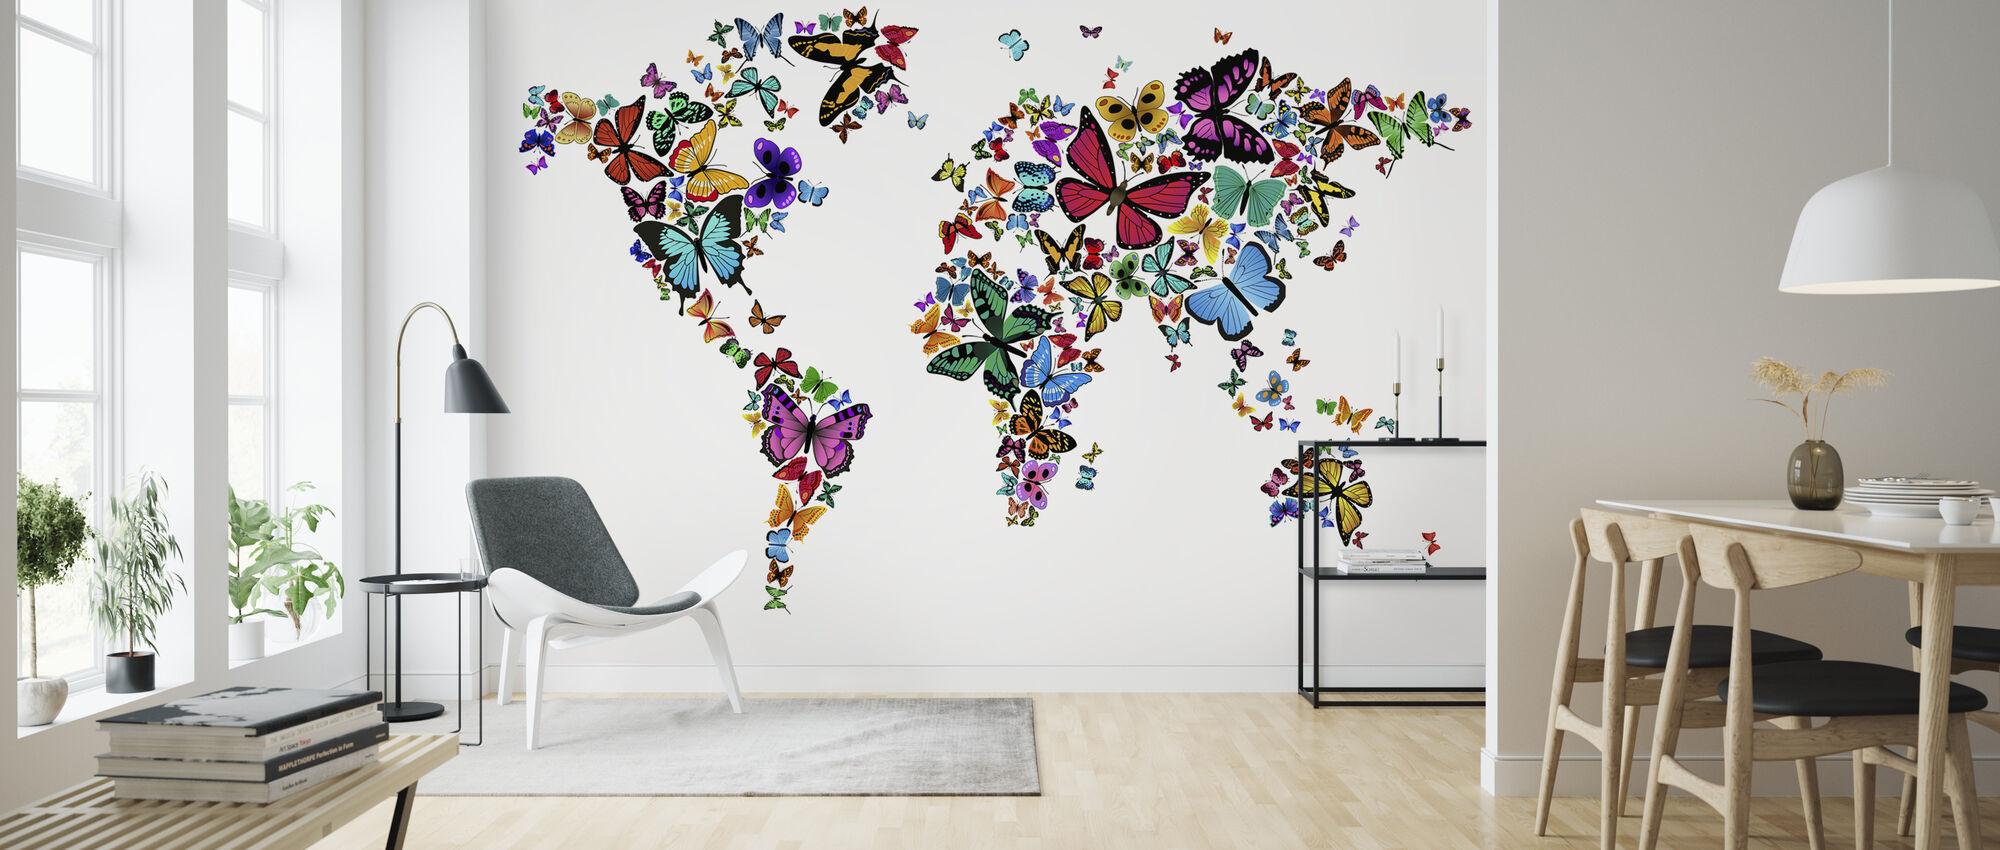 Large Butterflies World Map - Wallpaper - Living Room